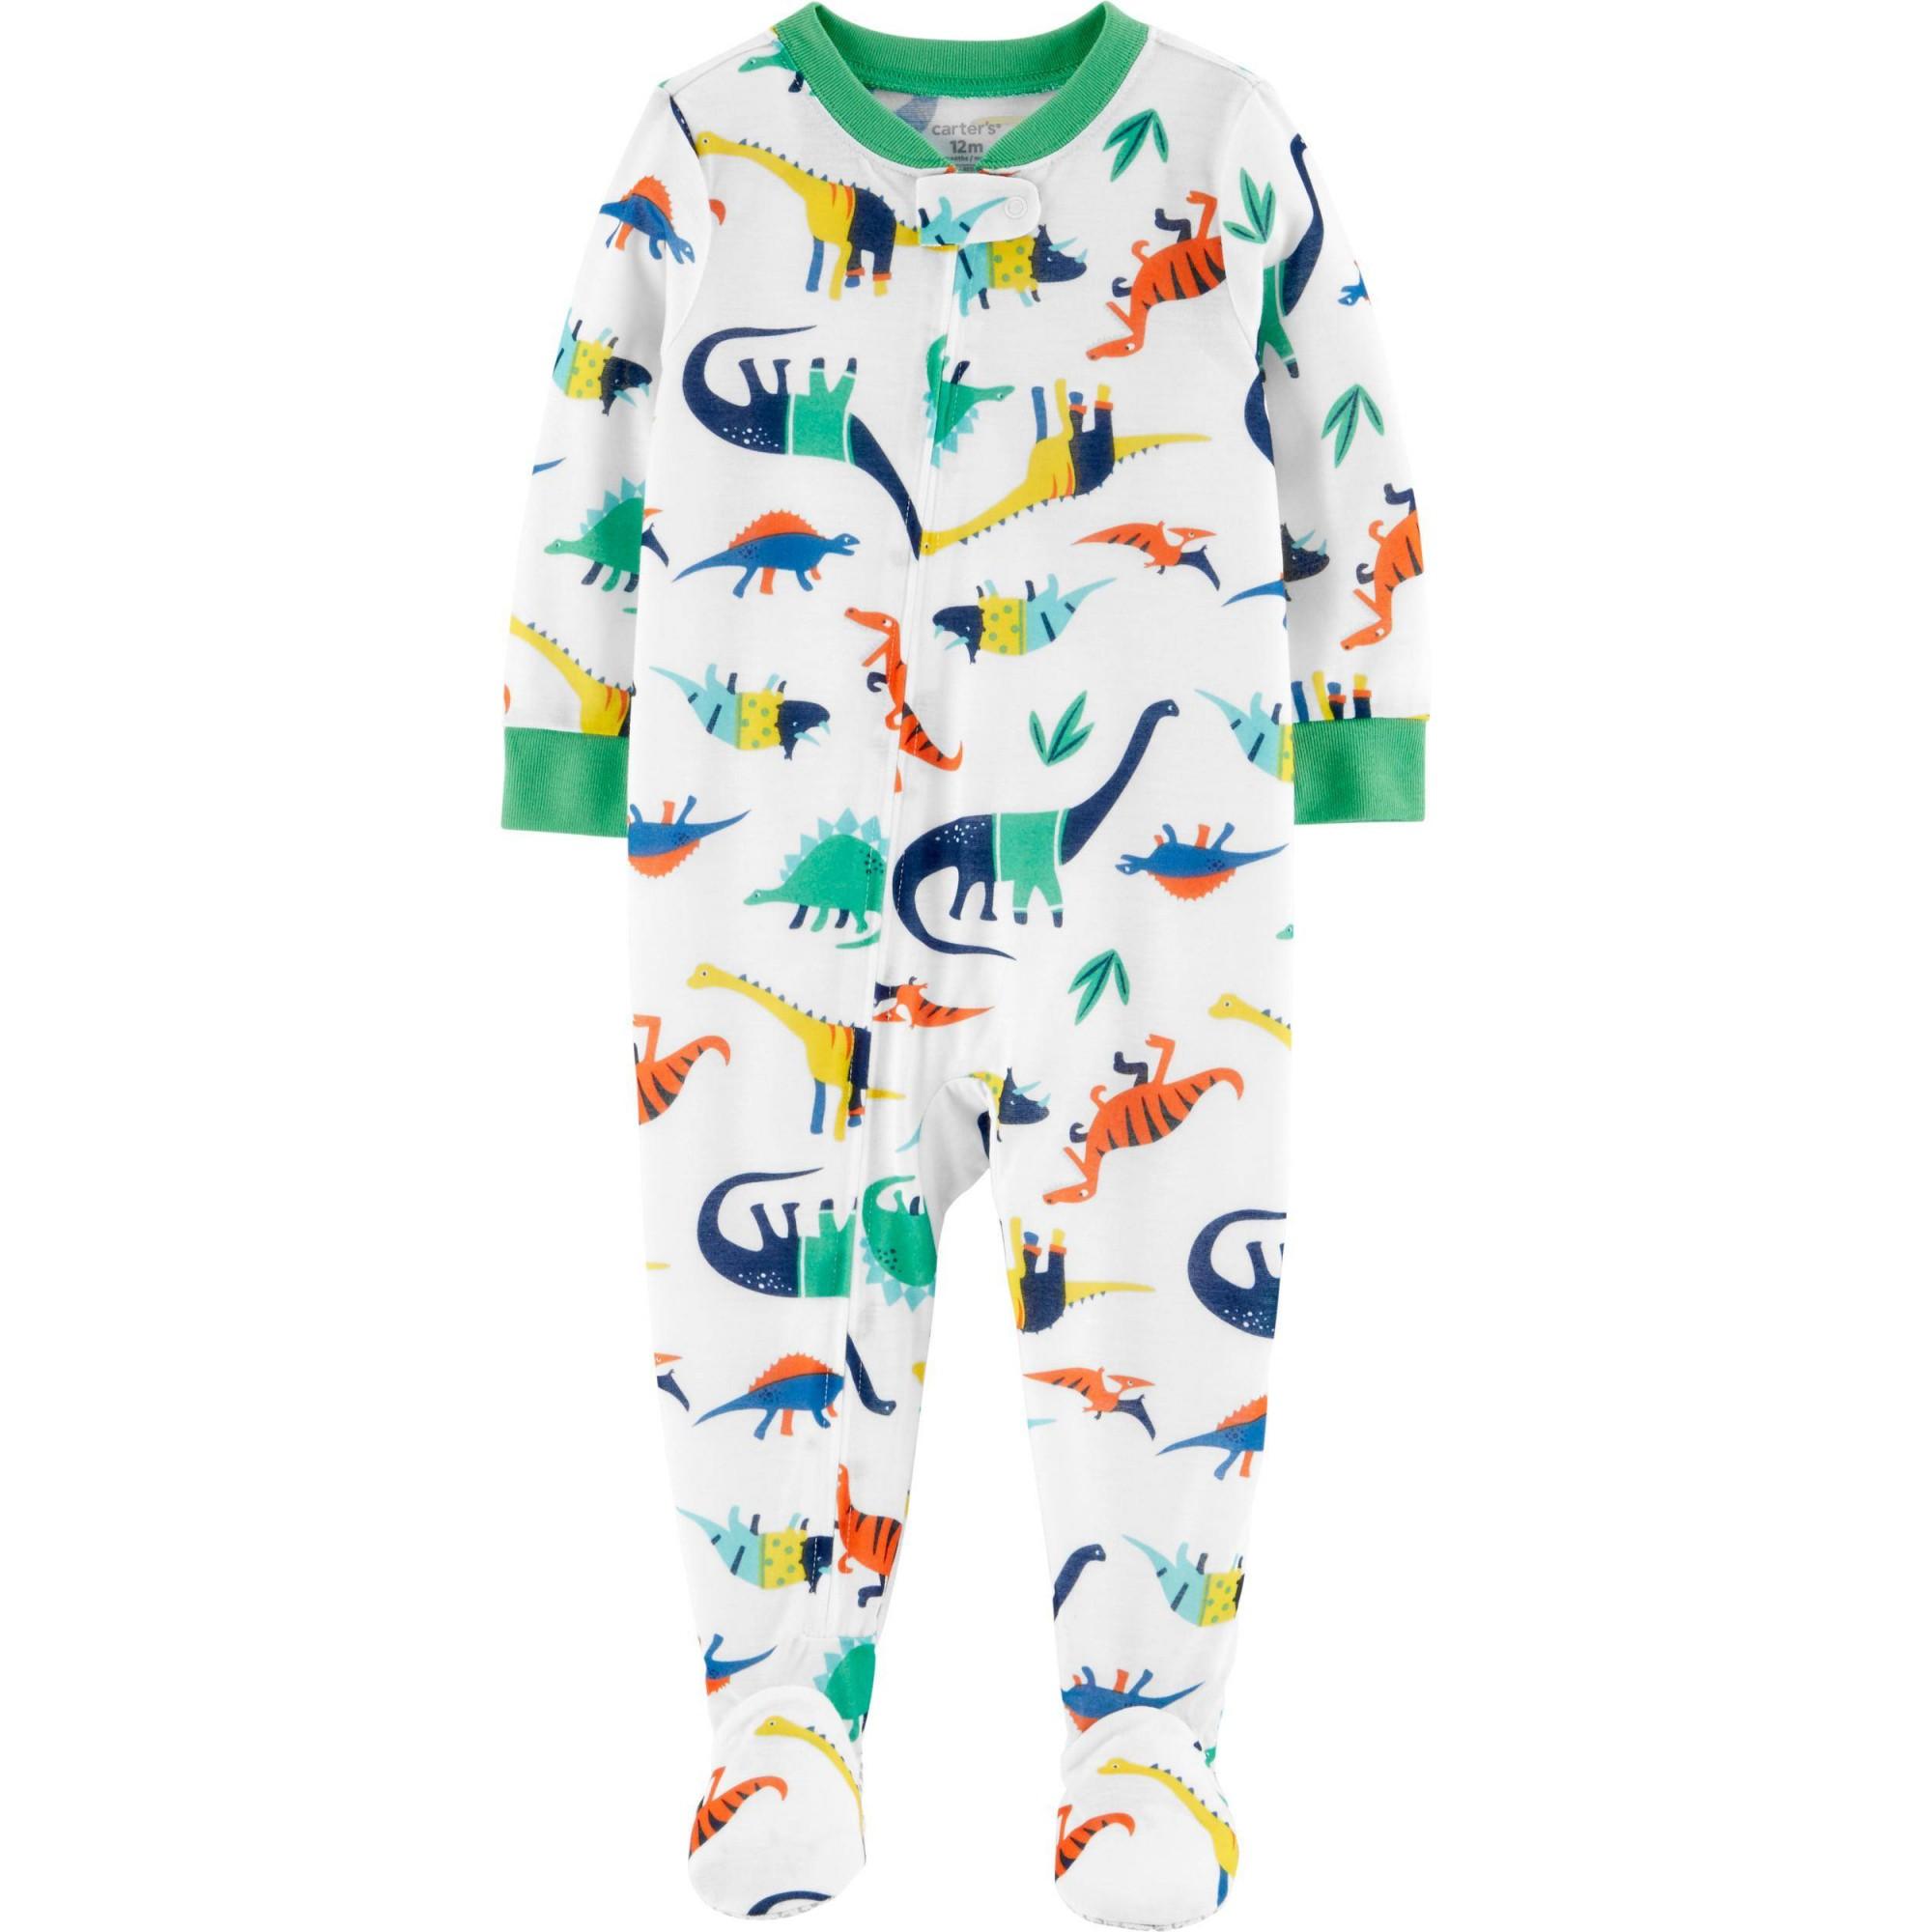 Macacão Pijama Carter's Dinossauro 12 meses Verde e branco